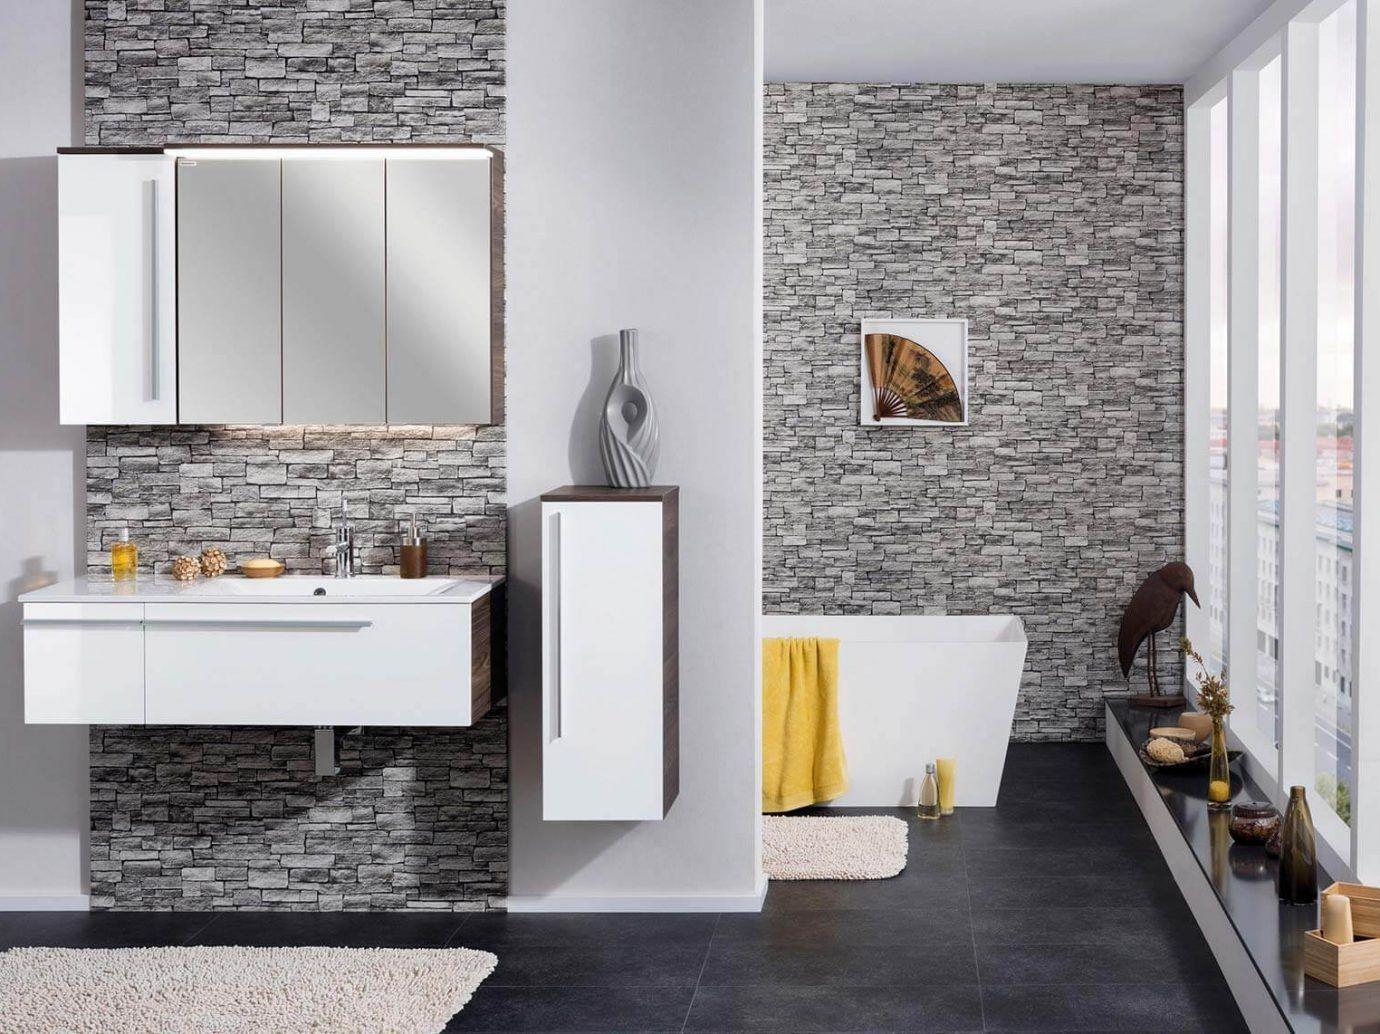 Bad Ohne Fliesen Ideen Fur Die Wandgestaltung Otto In 2020 Wandgestaltung Badezimmer Fliesen Badgestaltung